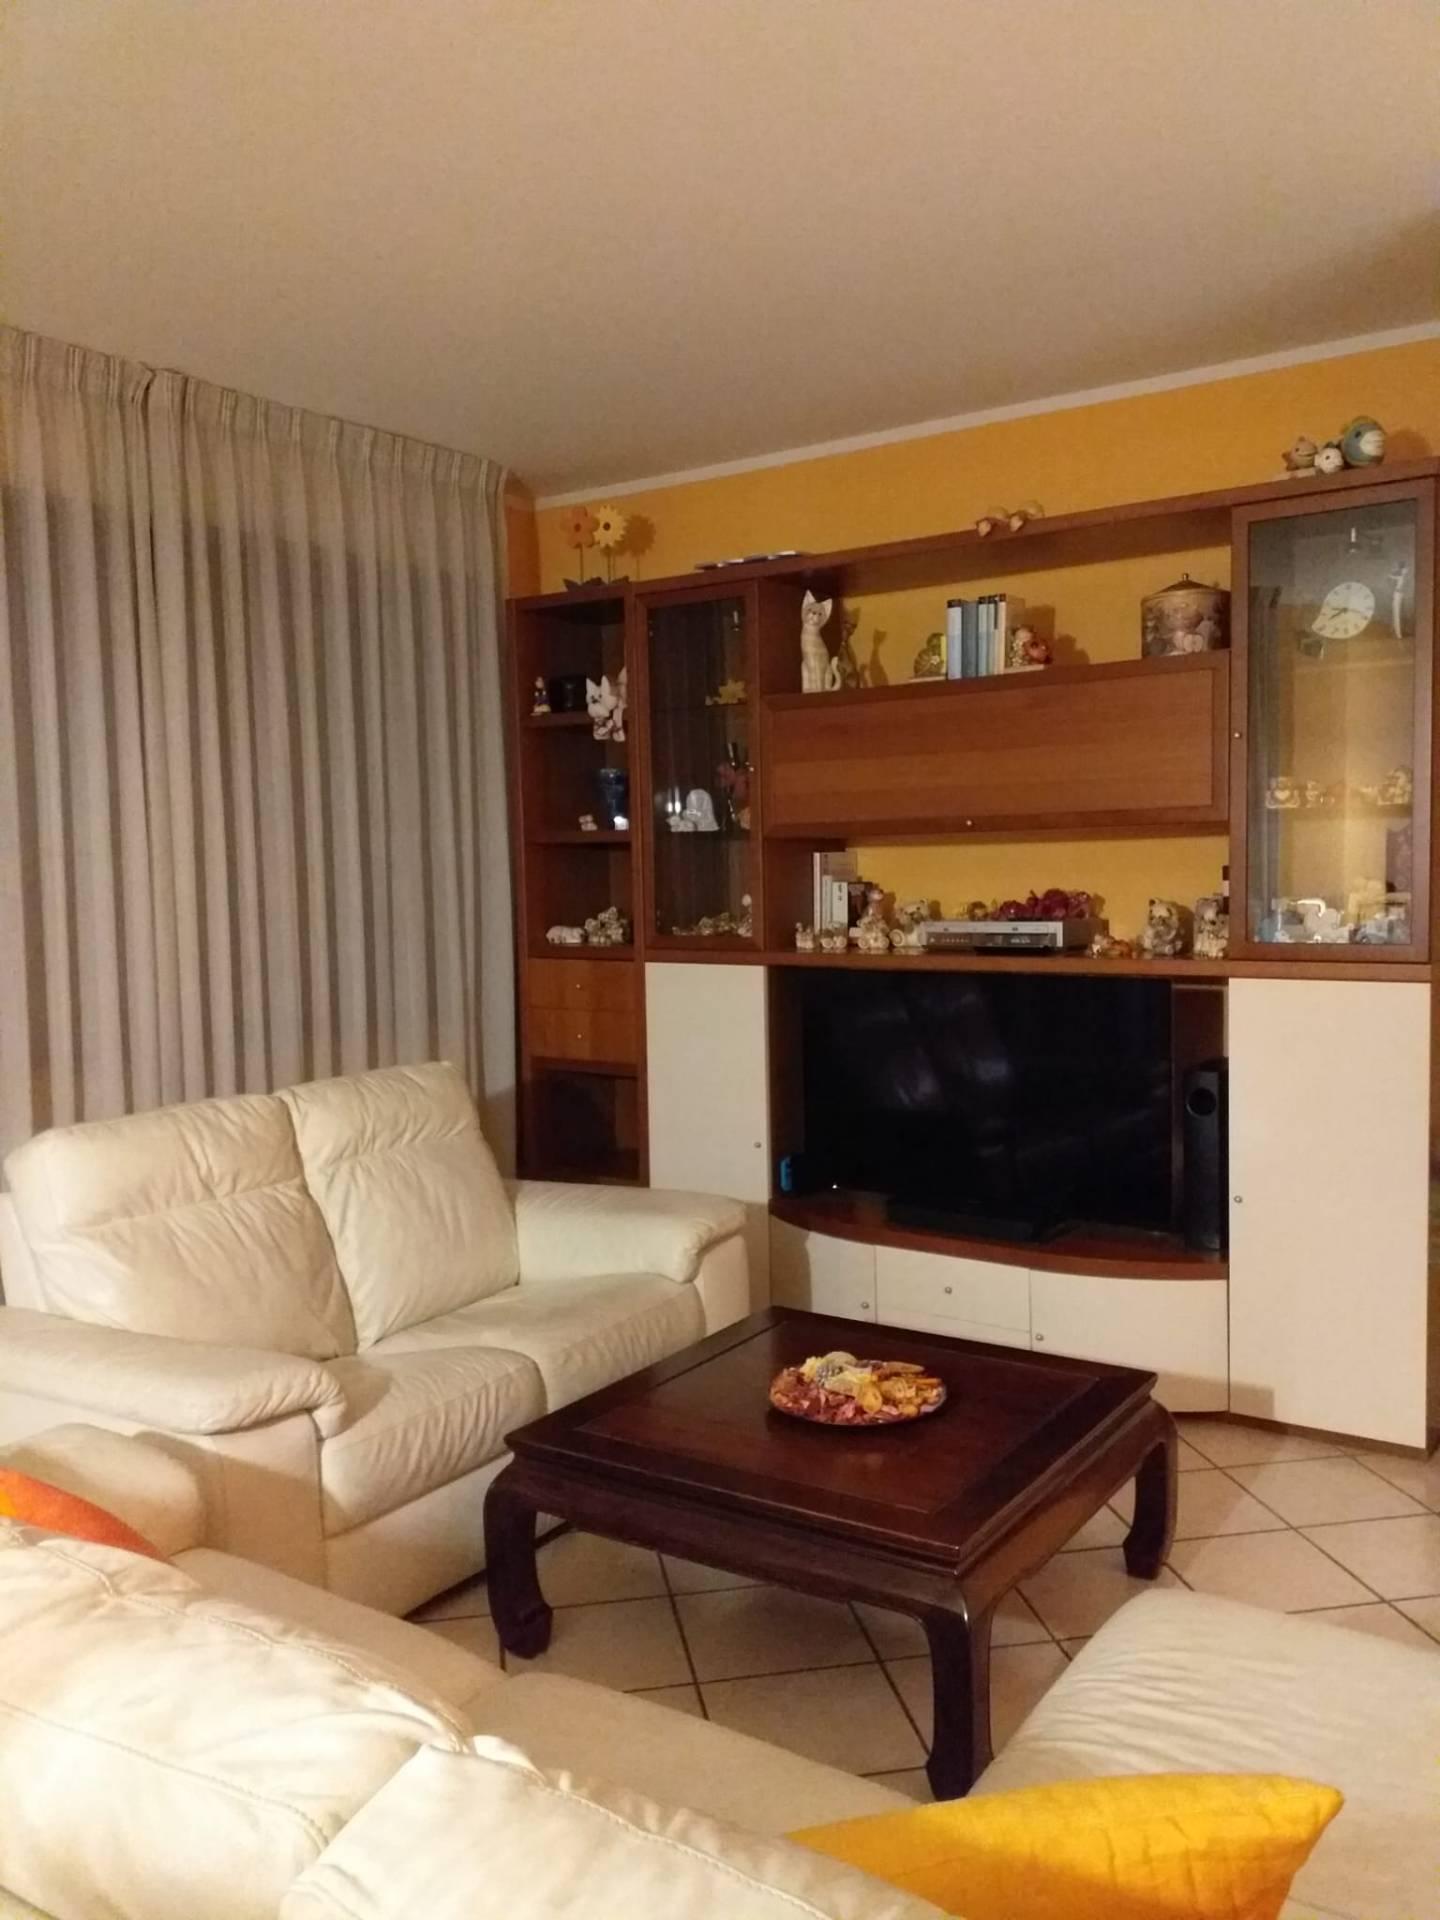 Appartamento in affitto a Novara, 3 locali, zona Località: Bicocca-S.Rita, prezzo € 800 | CambioCasa.it